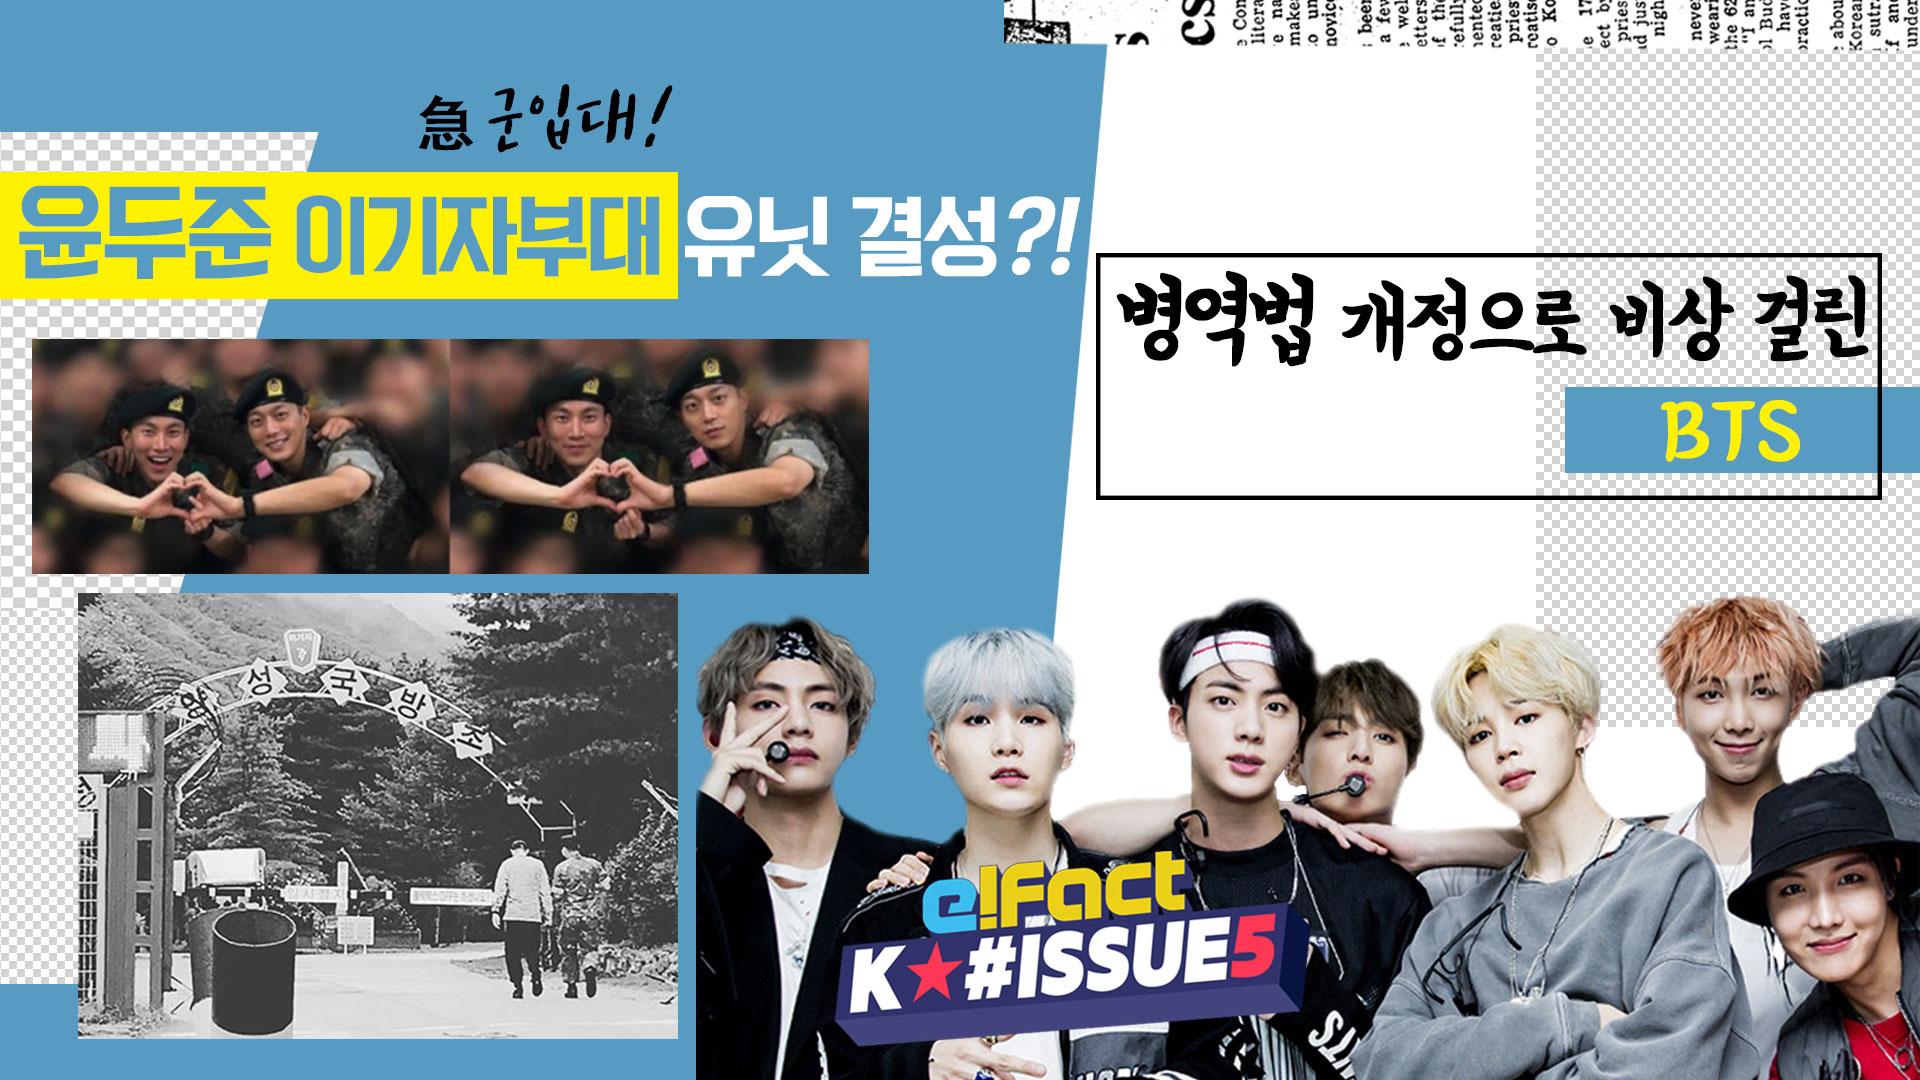 急 군입대! 윤두준 이기자부대 유닛 결성?! 병역법 개정으로 비상 걸린 BTS